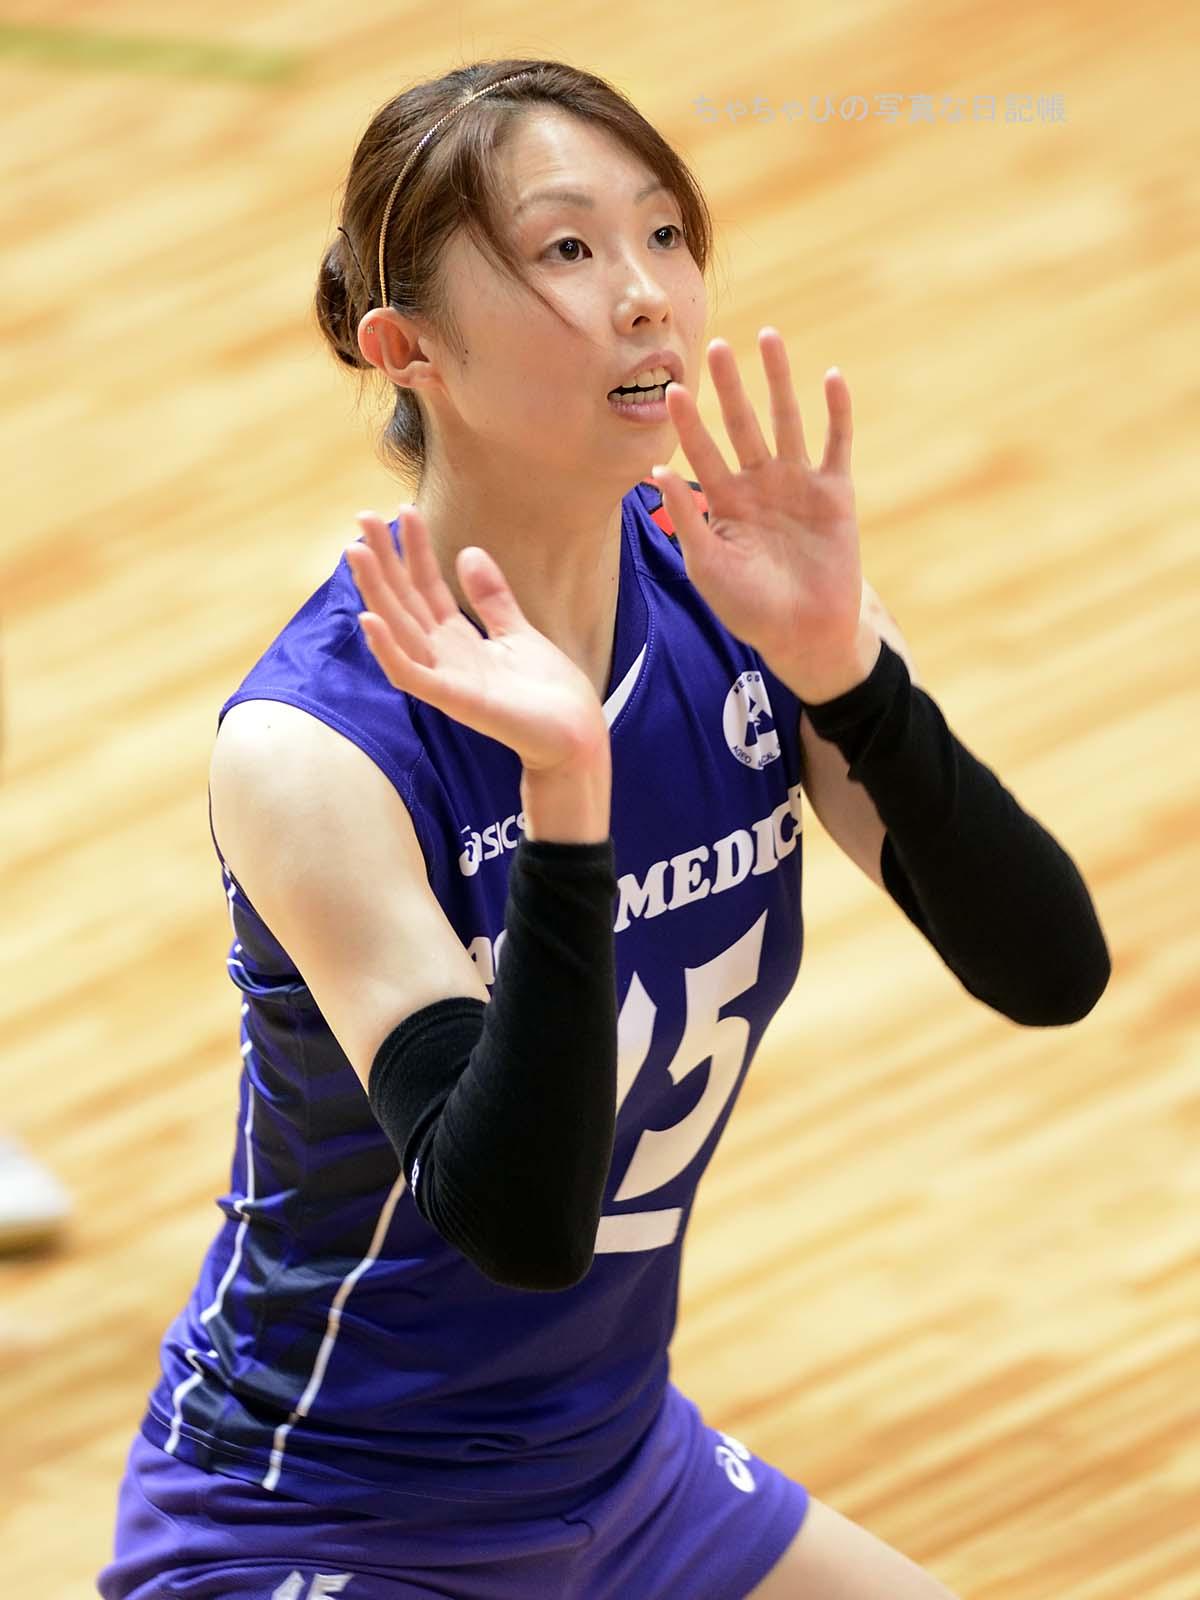 細川麻美選手